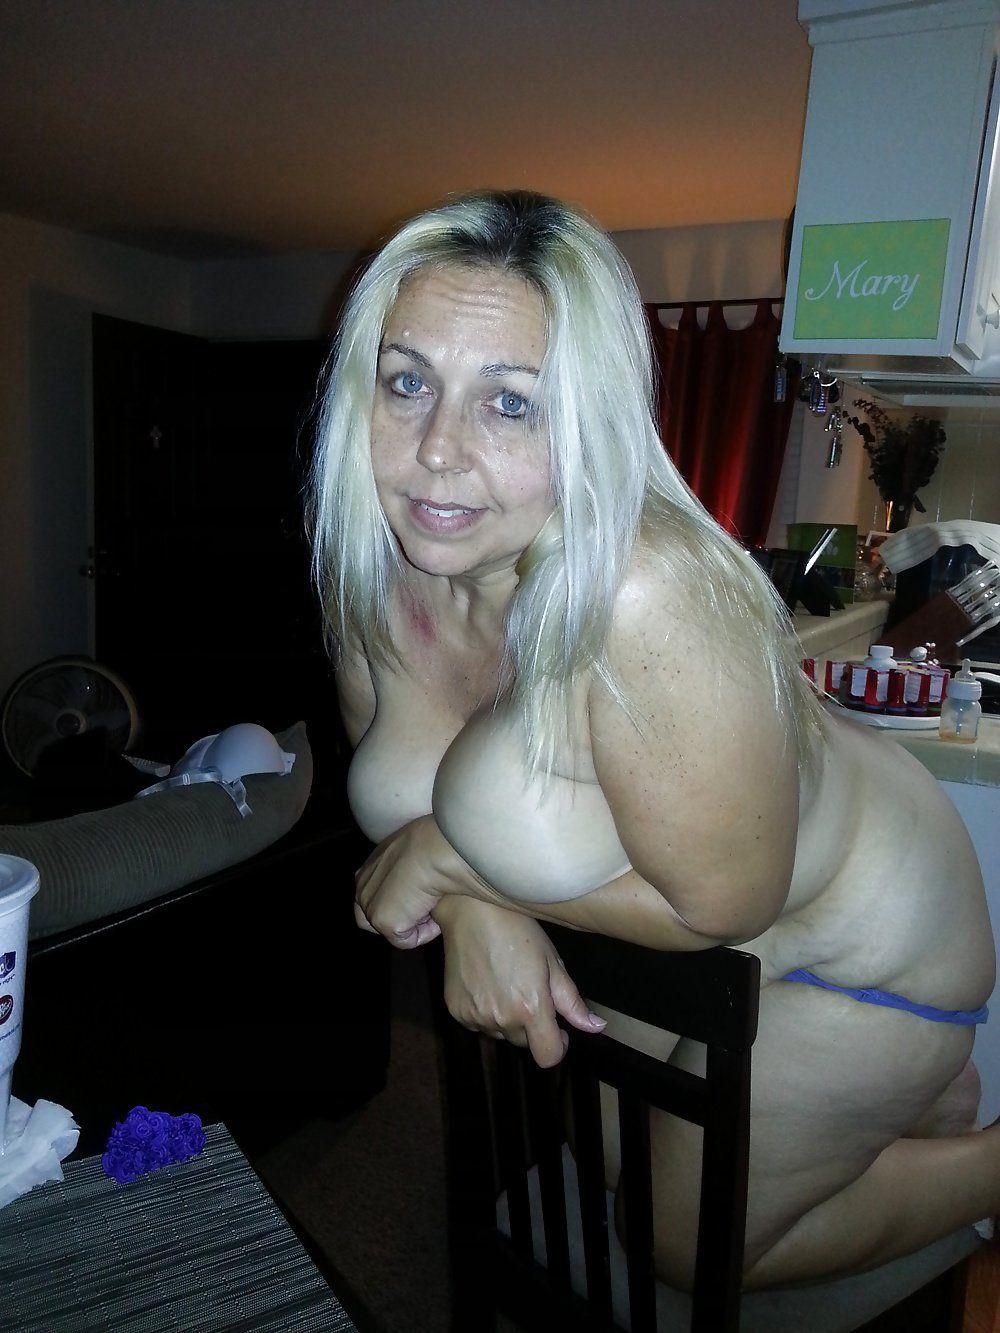 Amature Webcam Porn amature nude free webcam - porn images. comments: 5